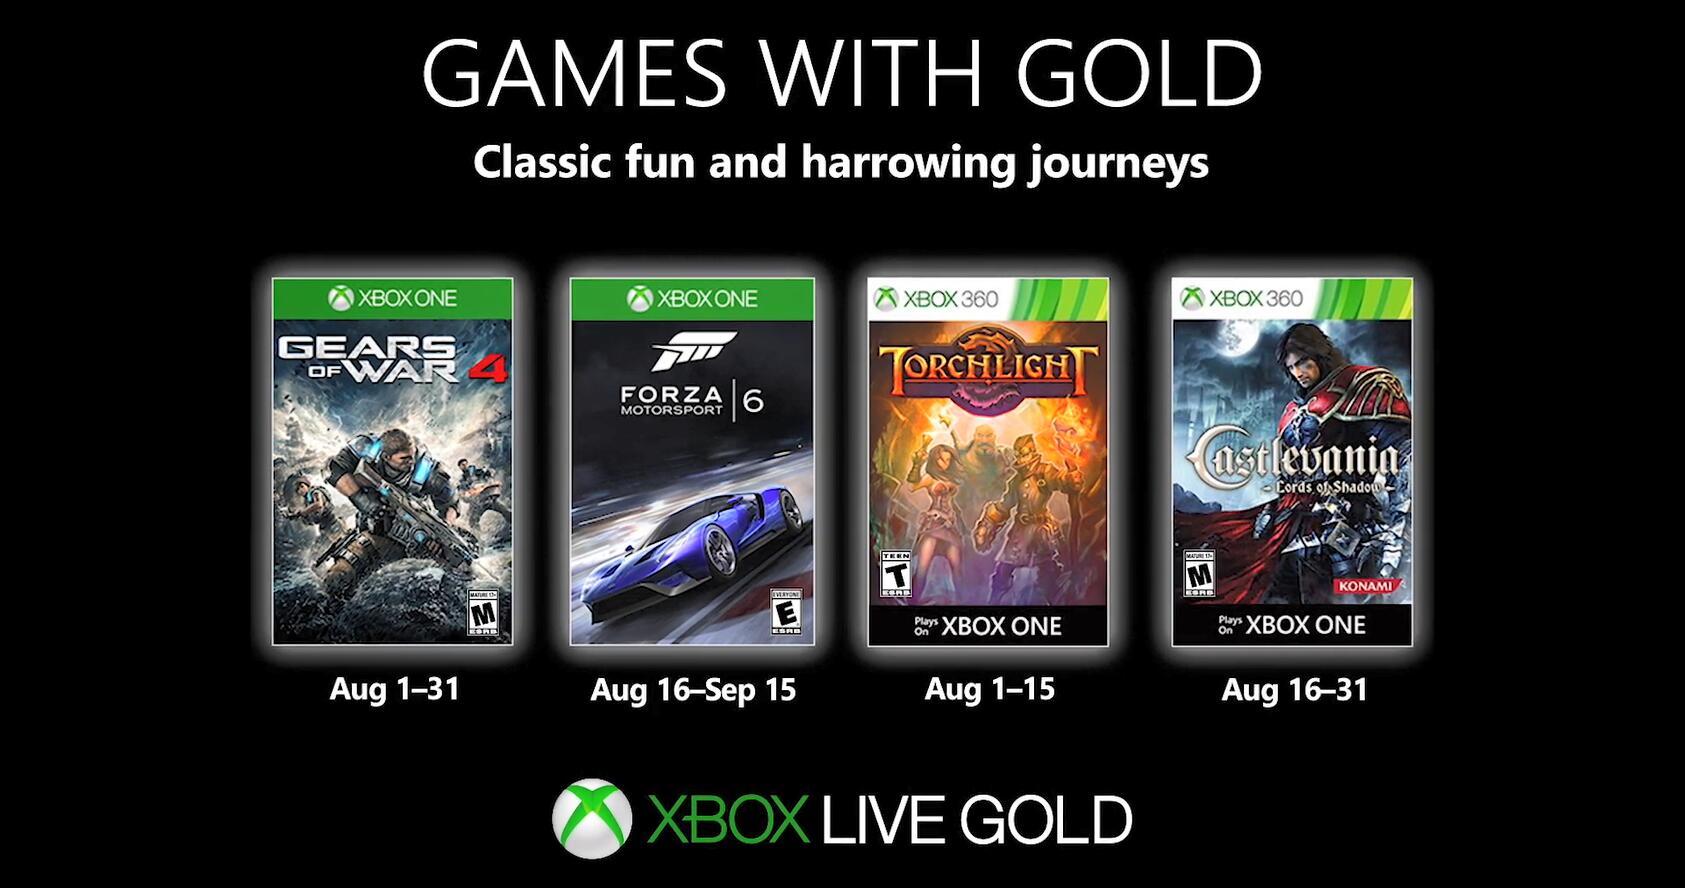 Xbox金会员八月会免游戏公布 阵容豪华不容错过